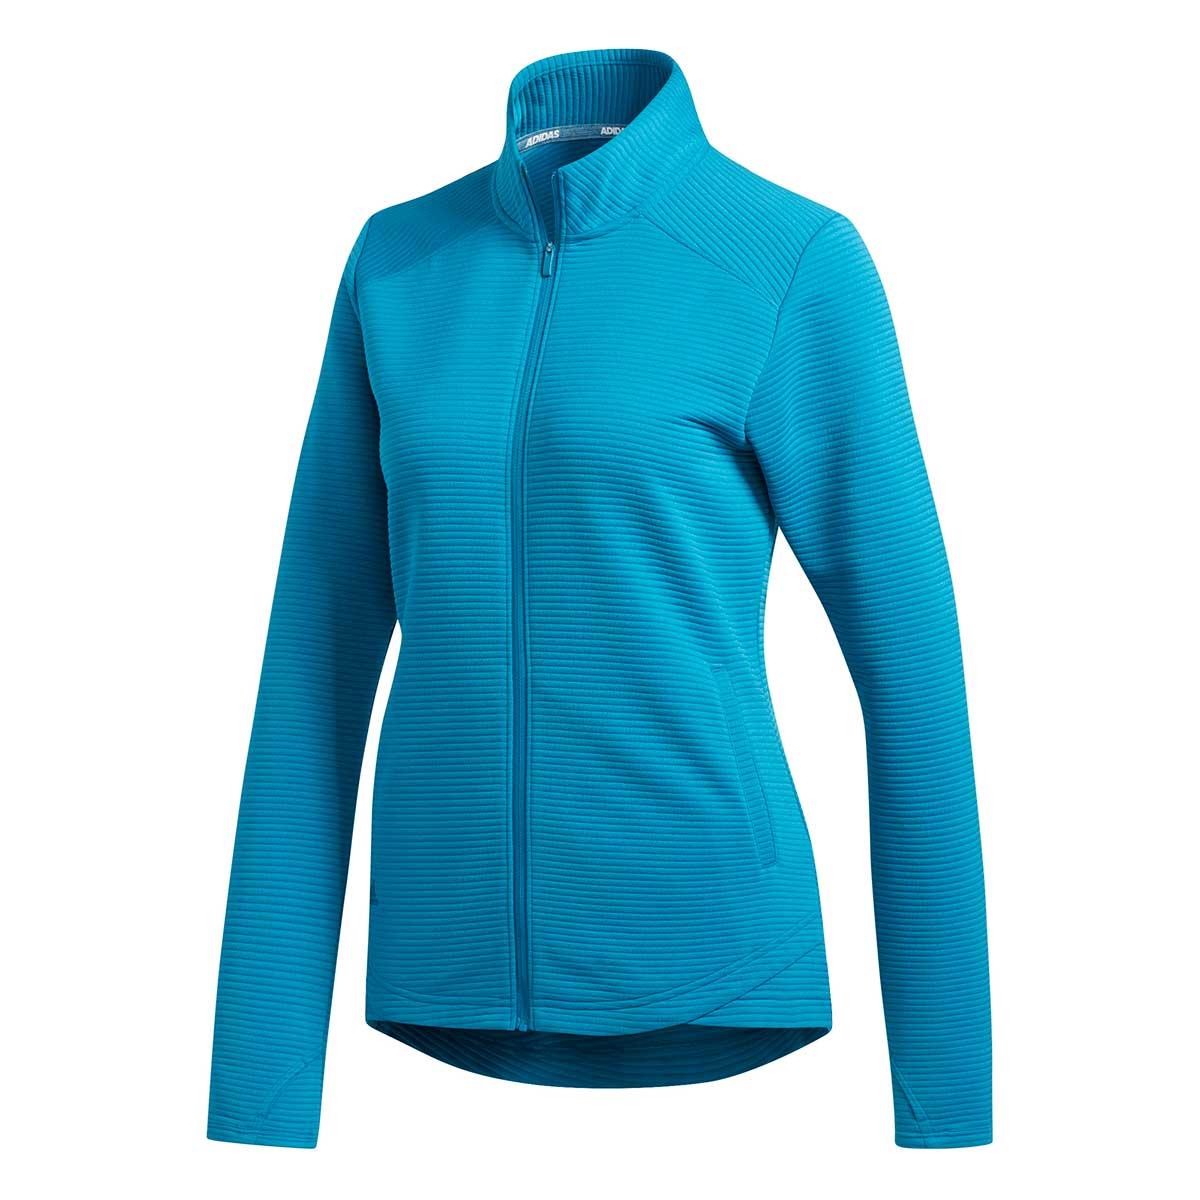 Adidas Women's Essentials Full Zip Teal Jacket